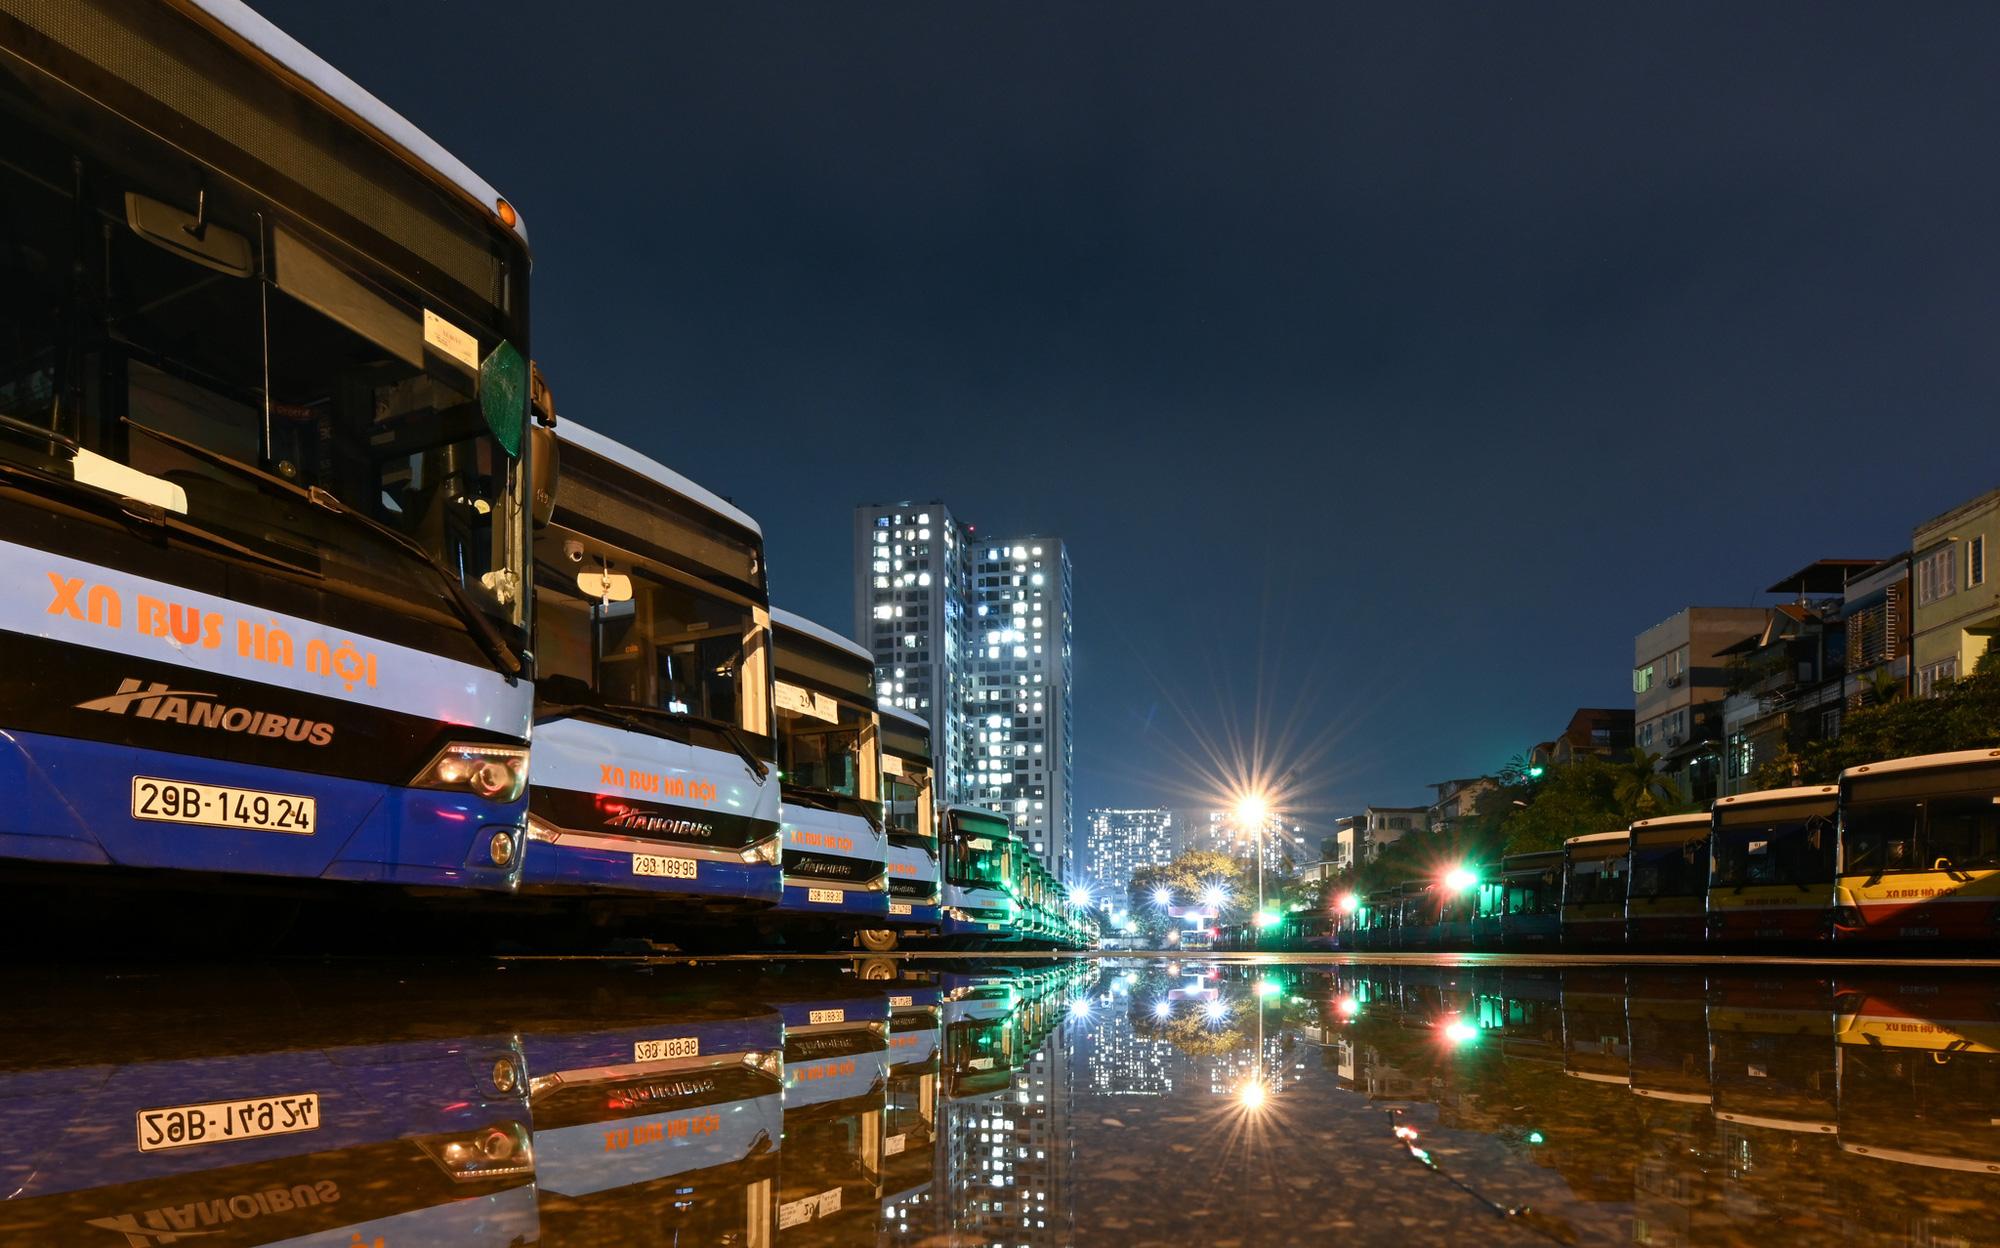 [ẢNH] Vẻ đẹp của gần 200 xe buýt tập kết về bến xếp hàng trong đêm - Ảnh 15.